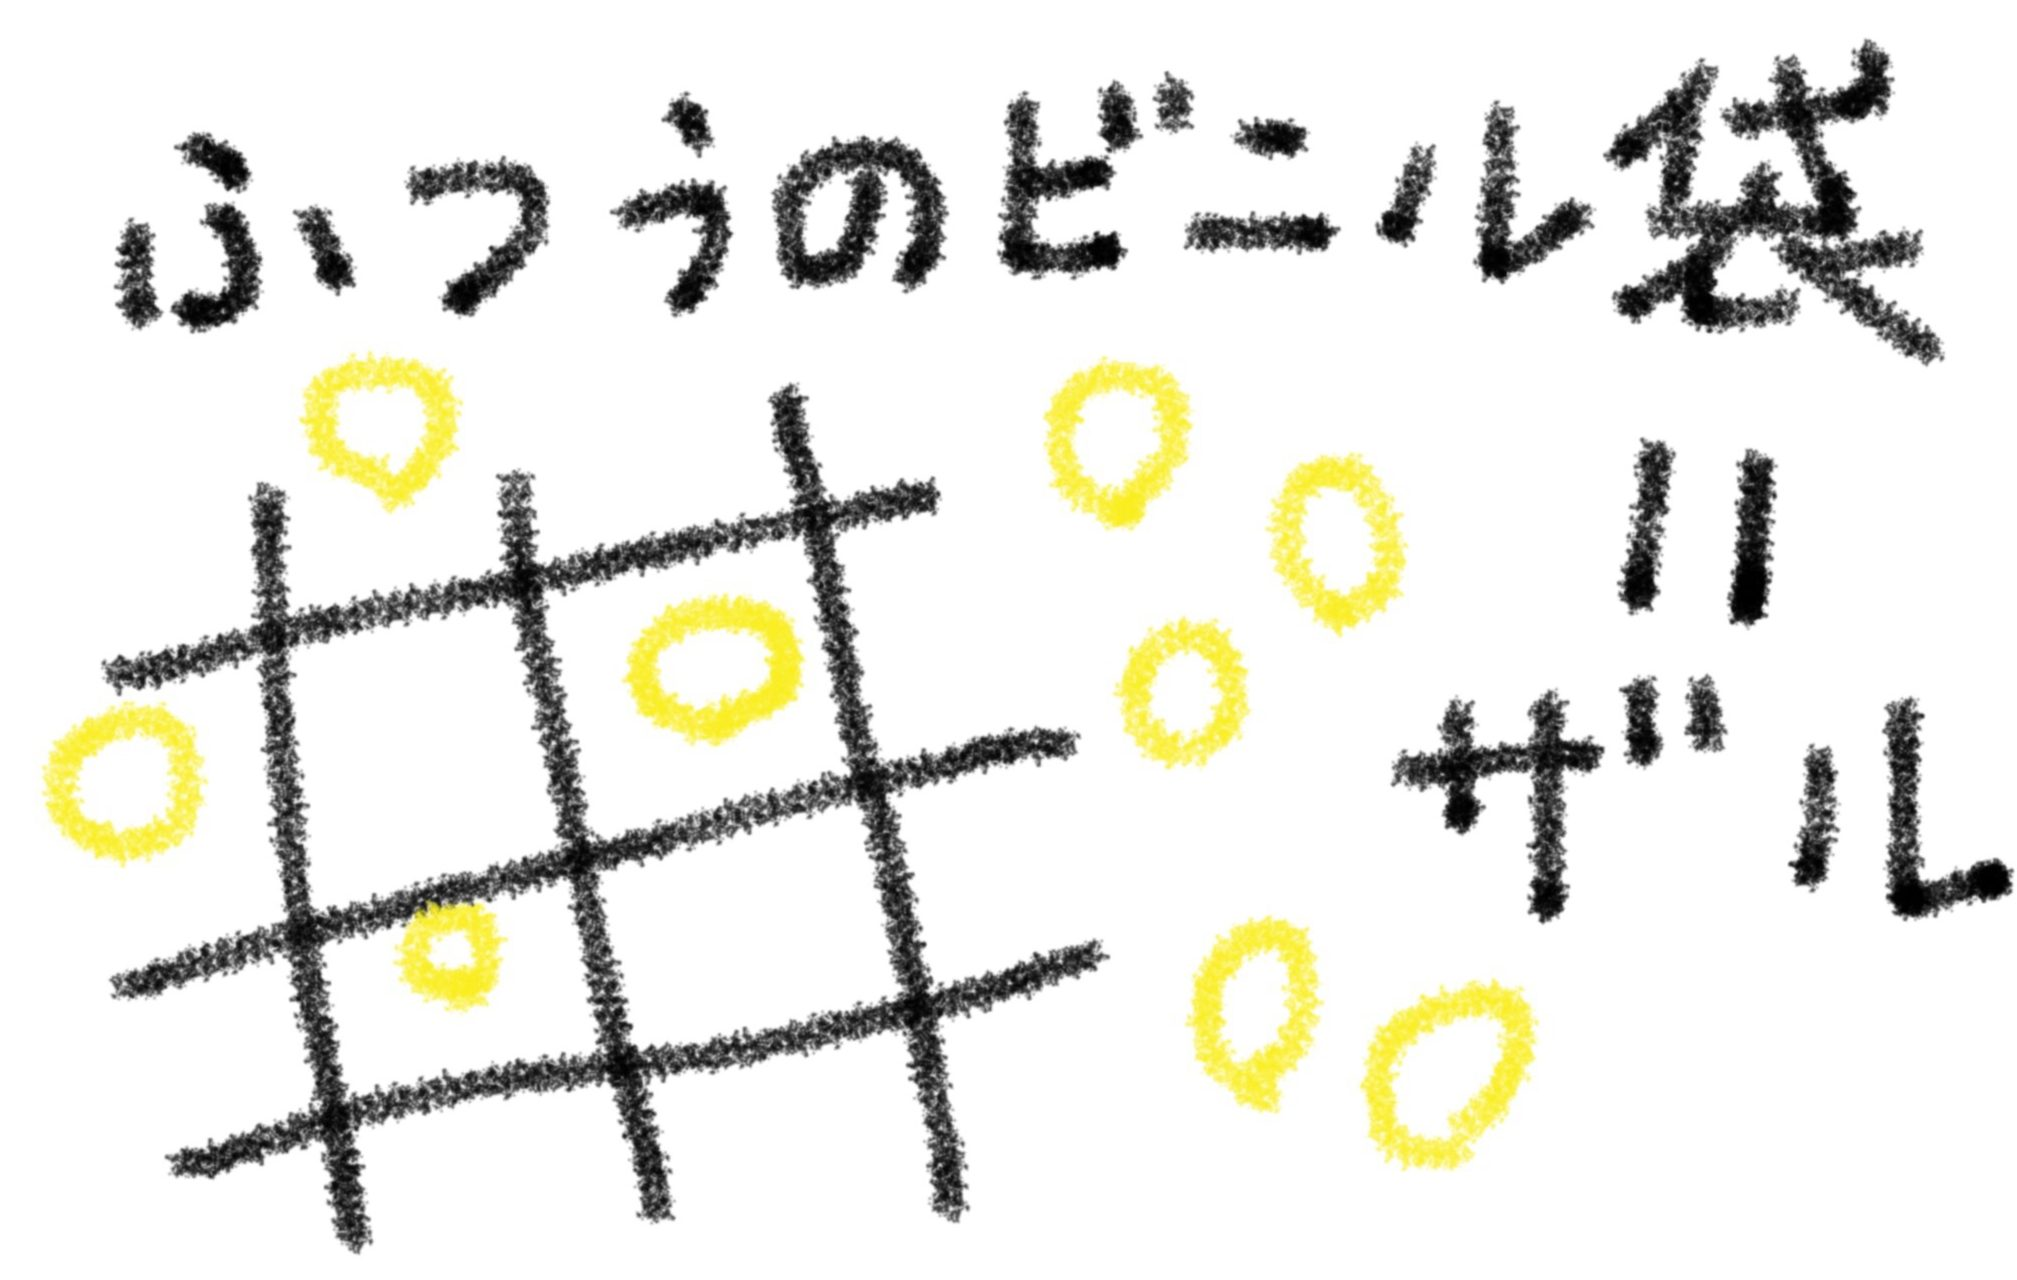 ふつうのビニール袋からにおいのつぶ(黄色)がもれるイメージ